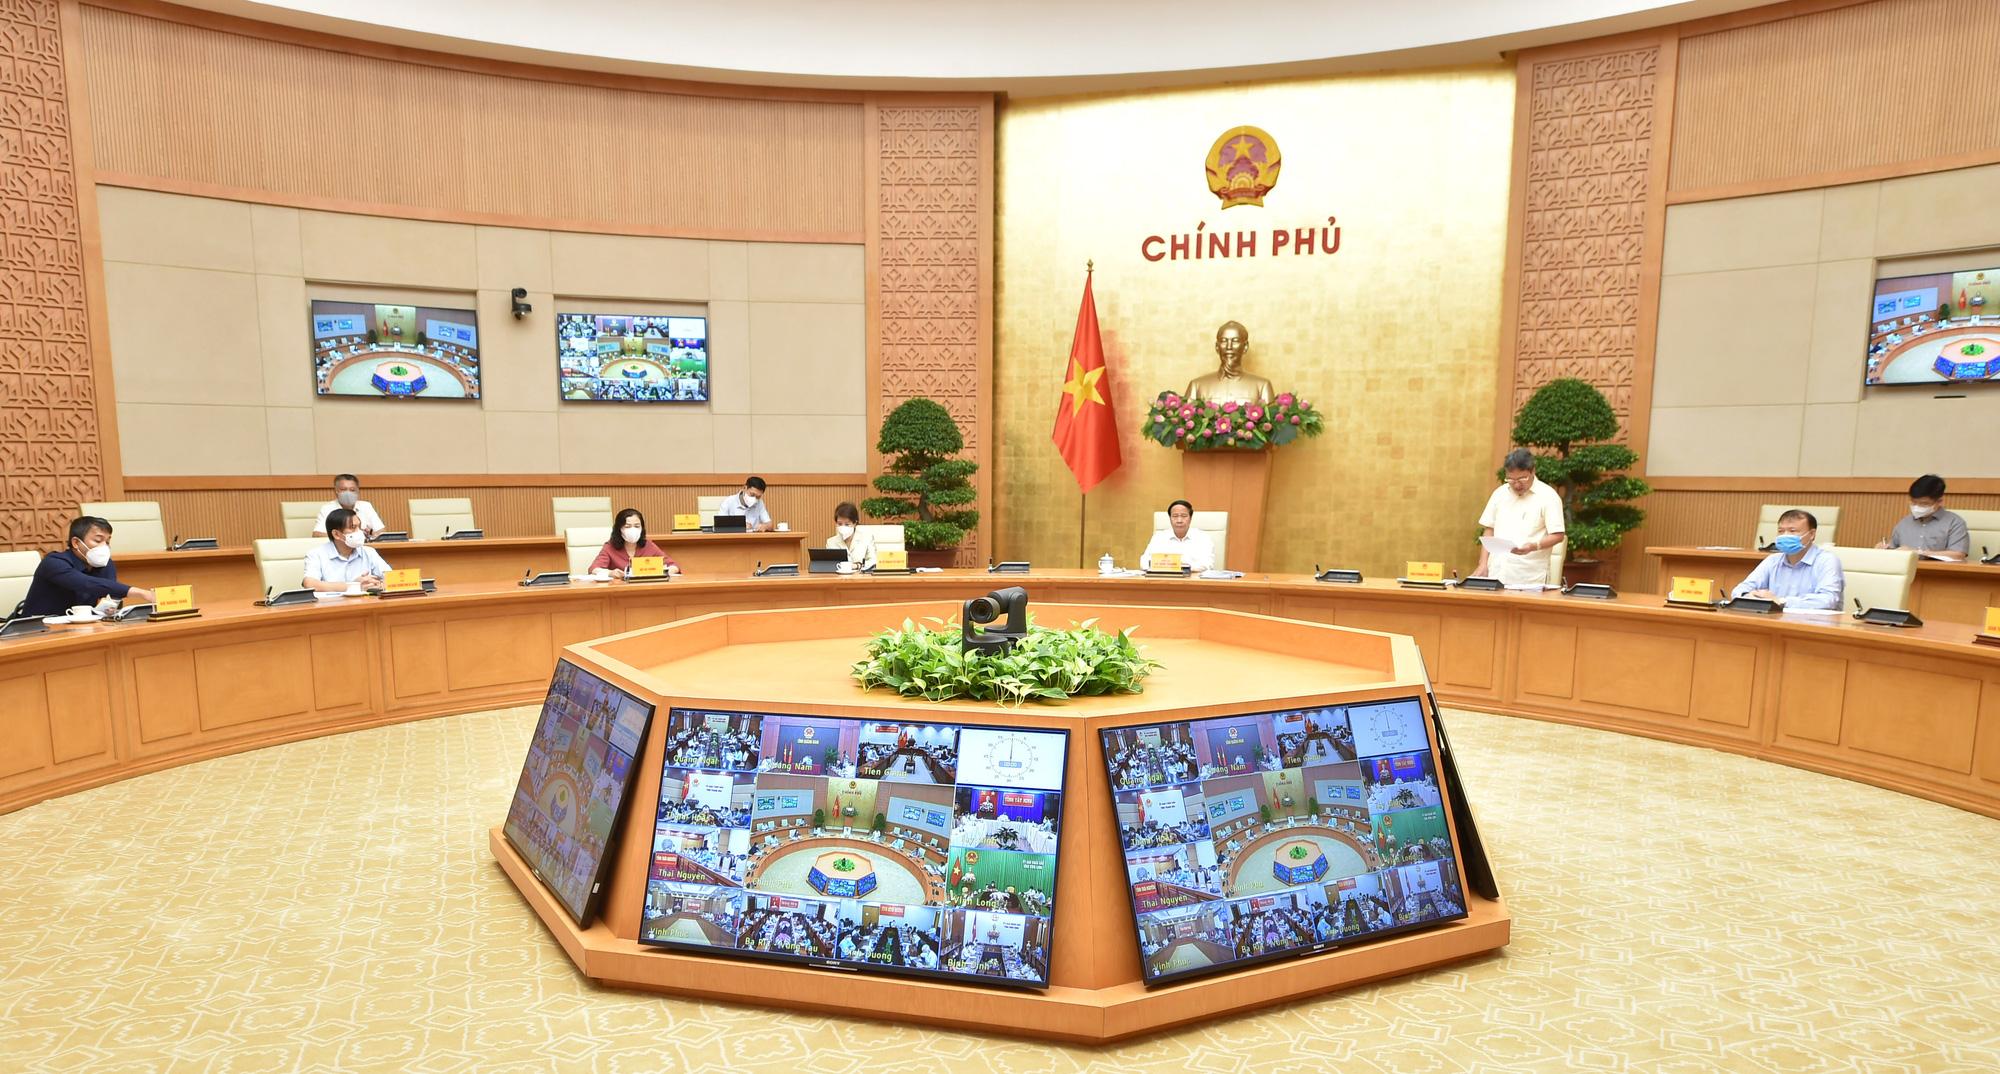 Phó Thủ tướng: Các cơ quan Trung ương sẽ đồng hành cùng DN đến khi phục hồi xong sản xuất kinh doanh - Ảnh 2.